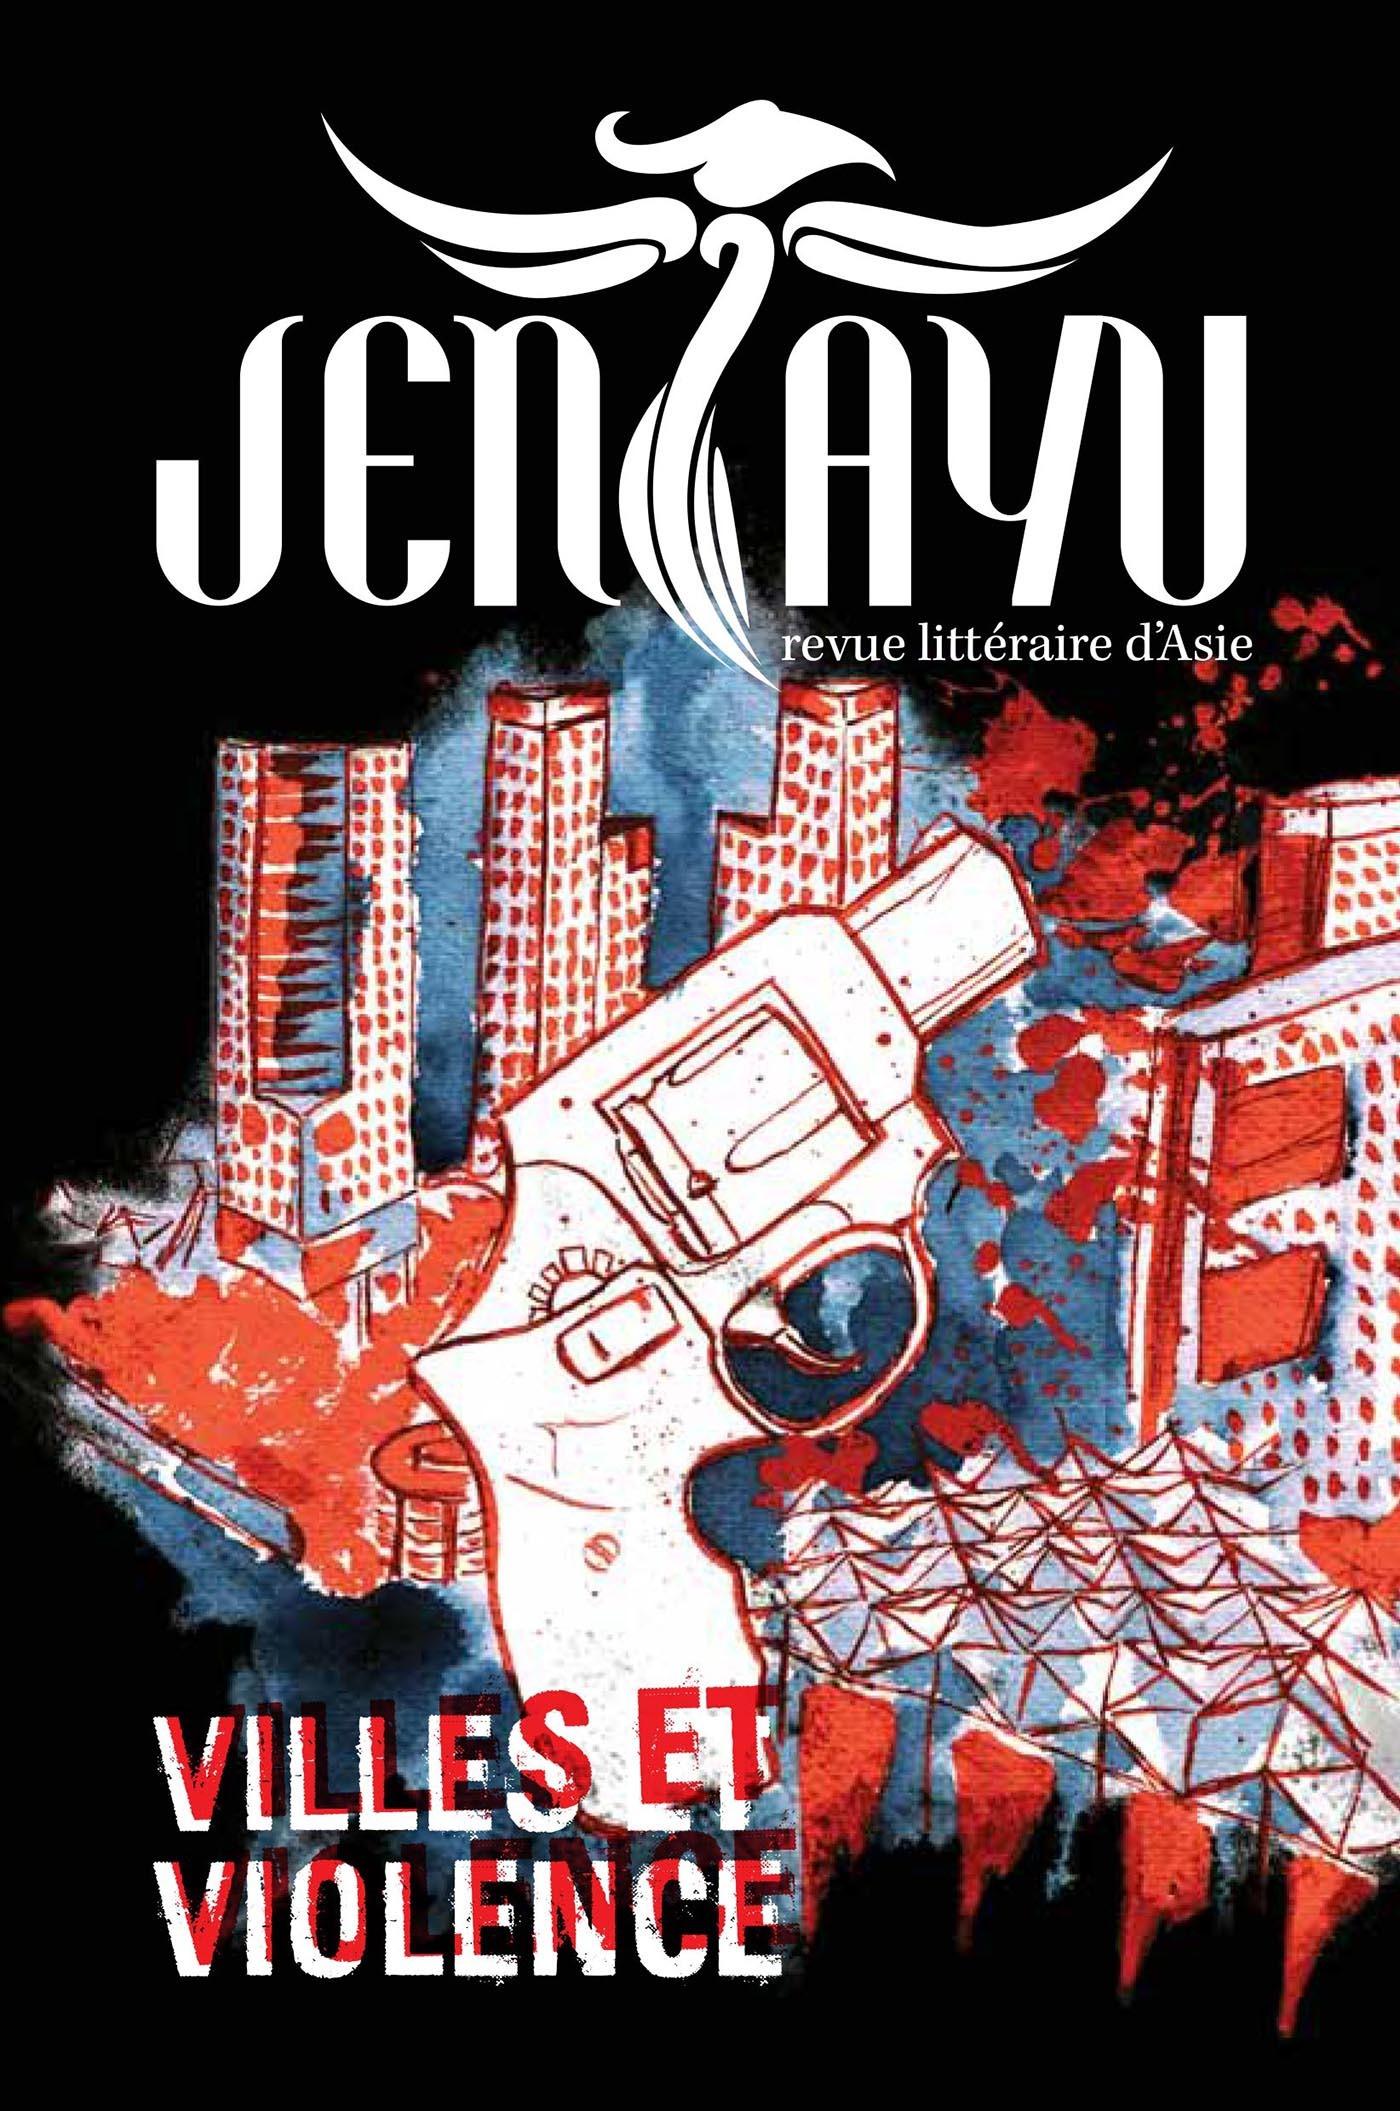 Jentayu - revue littéraire d'Asie N.2 ; villes et violence